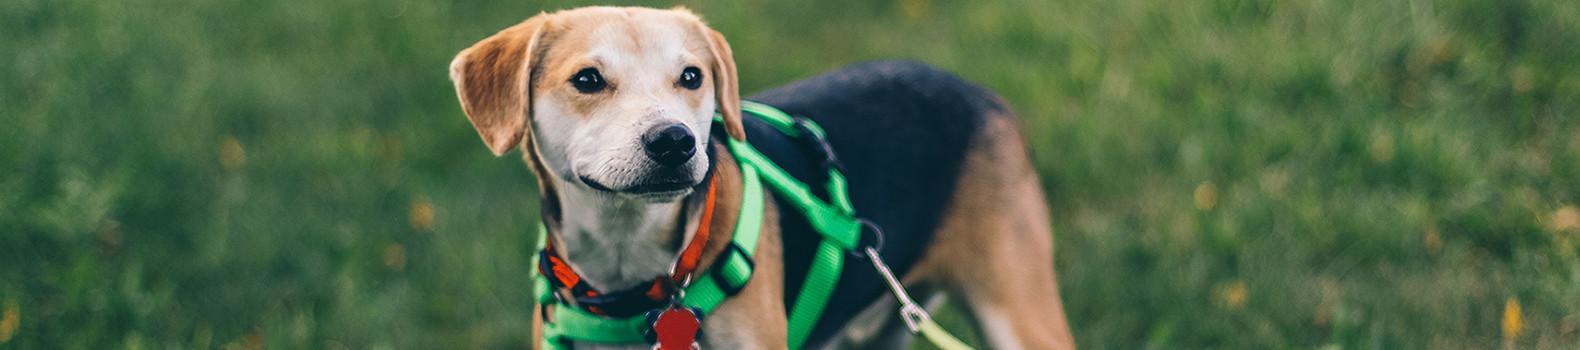 10 Actividades para hacer con tu perro